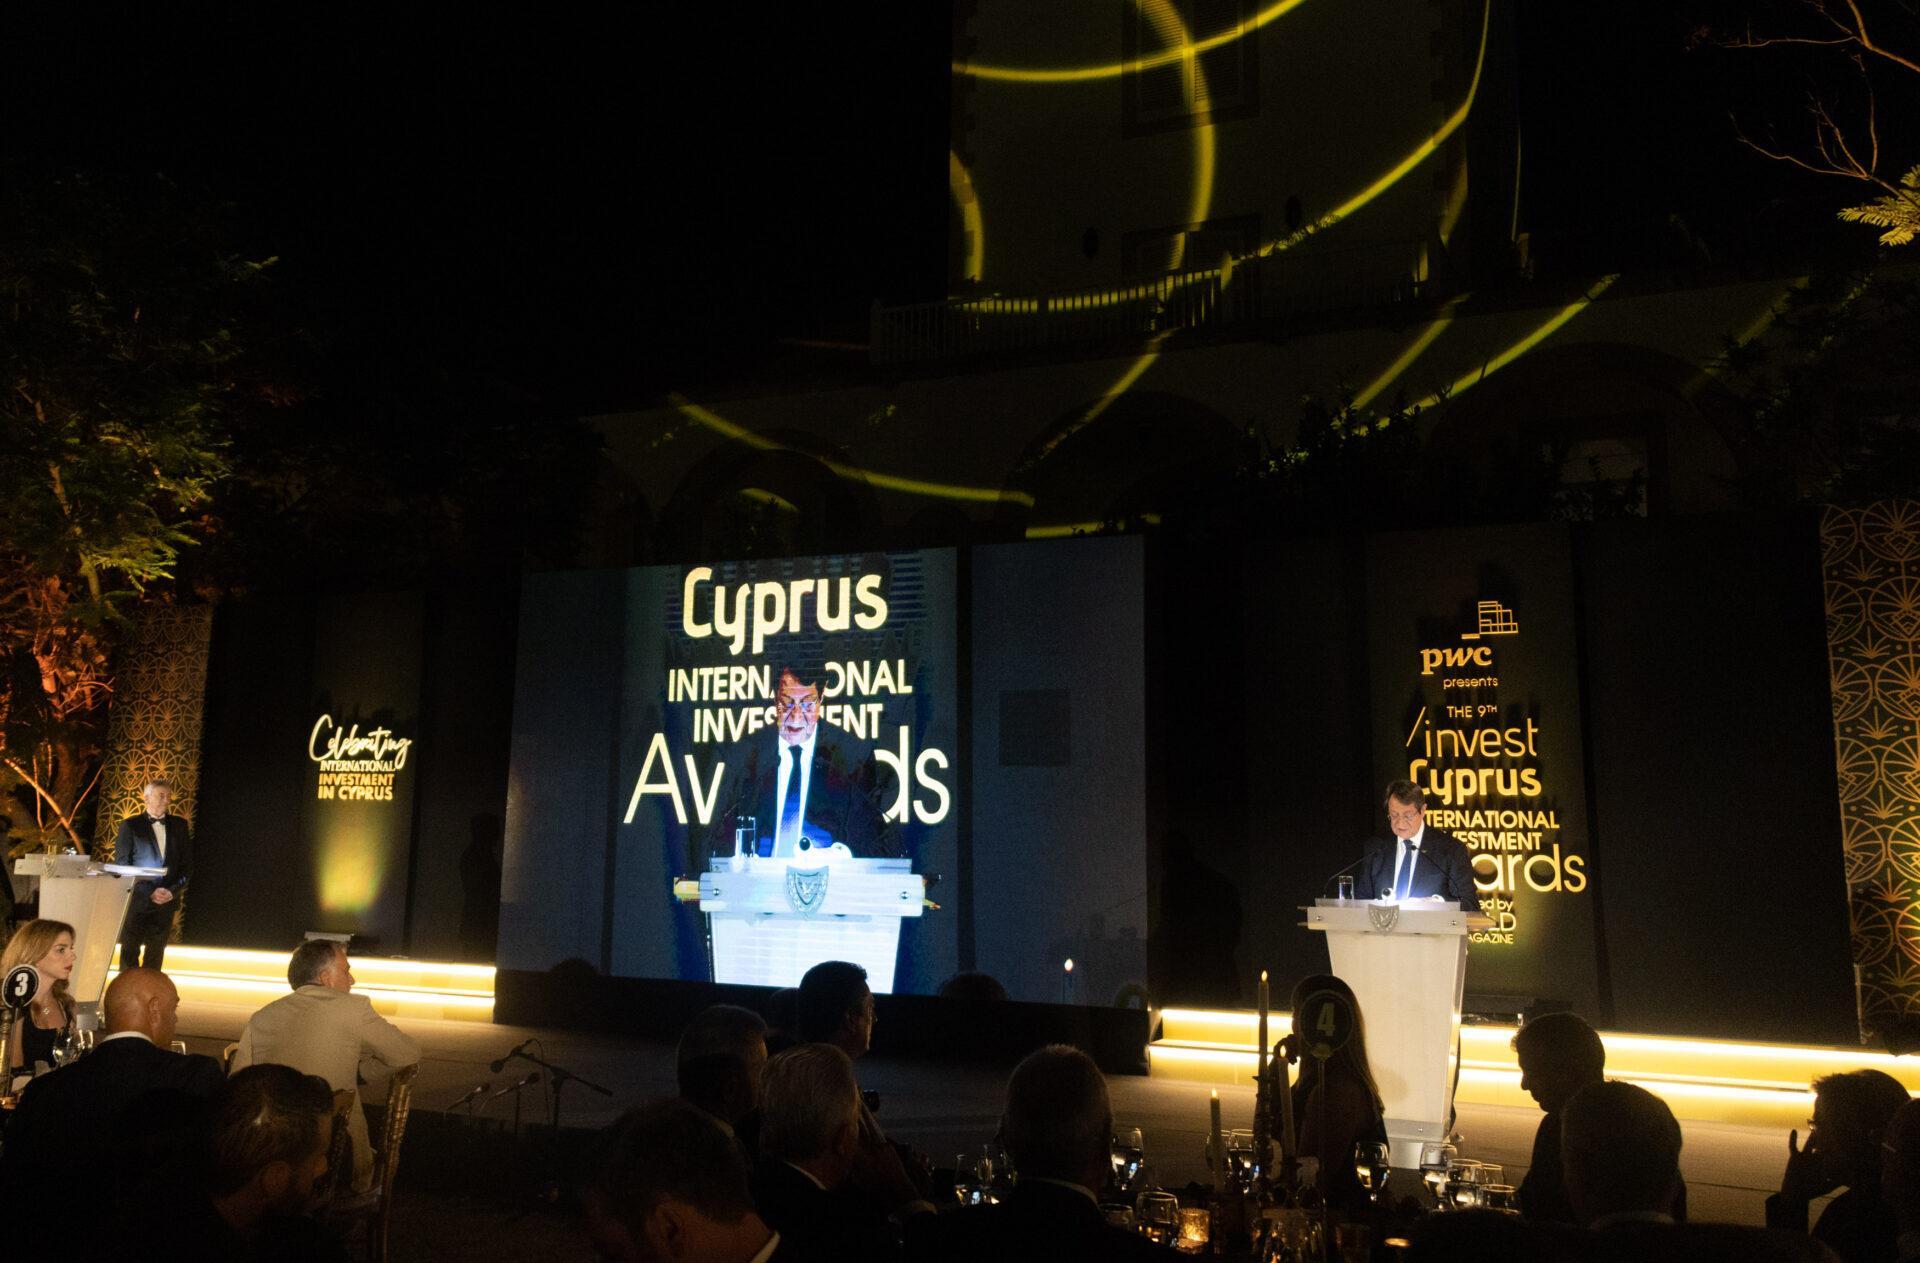 Правительство Кипра намерено привлекать в страну высокотехнологичные компании